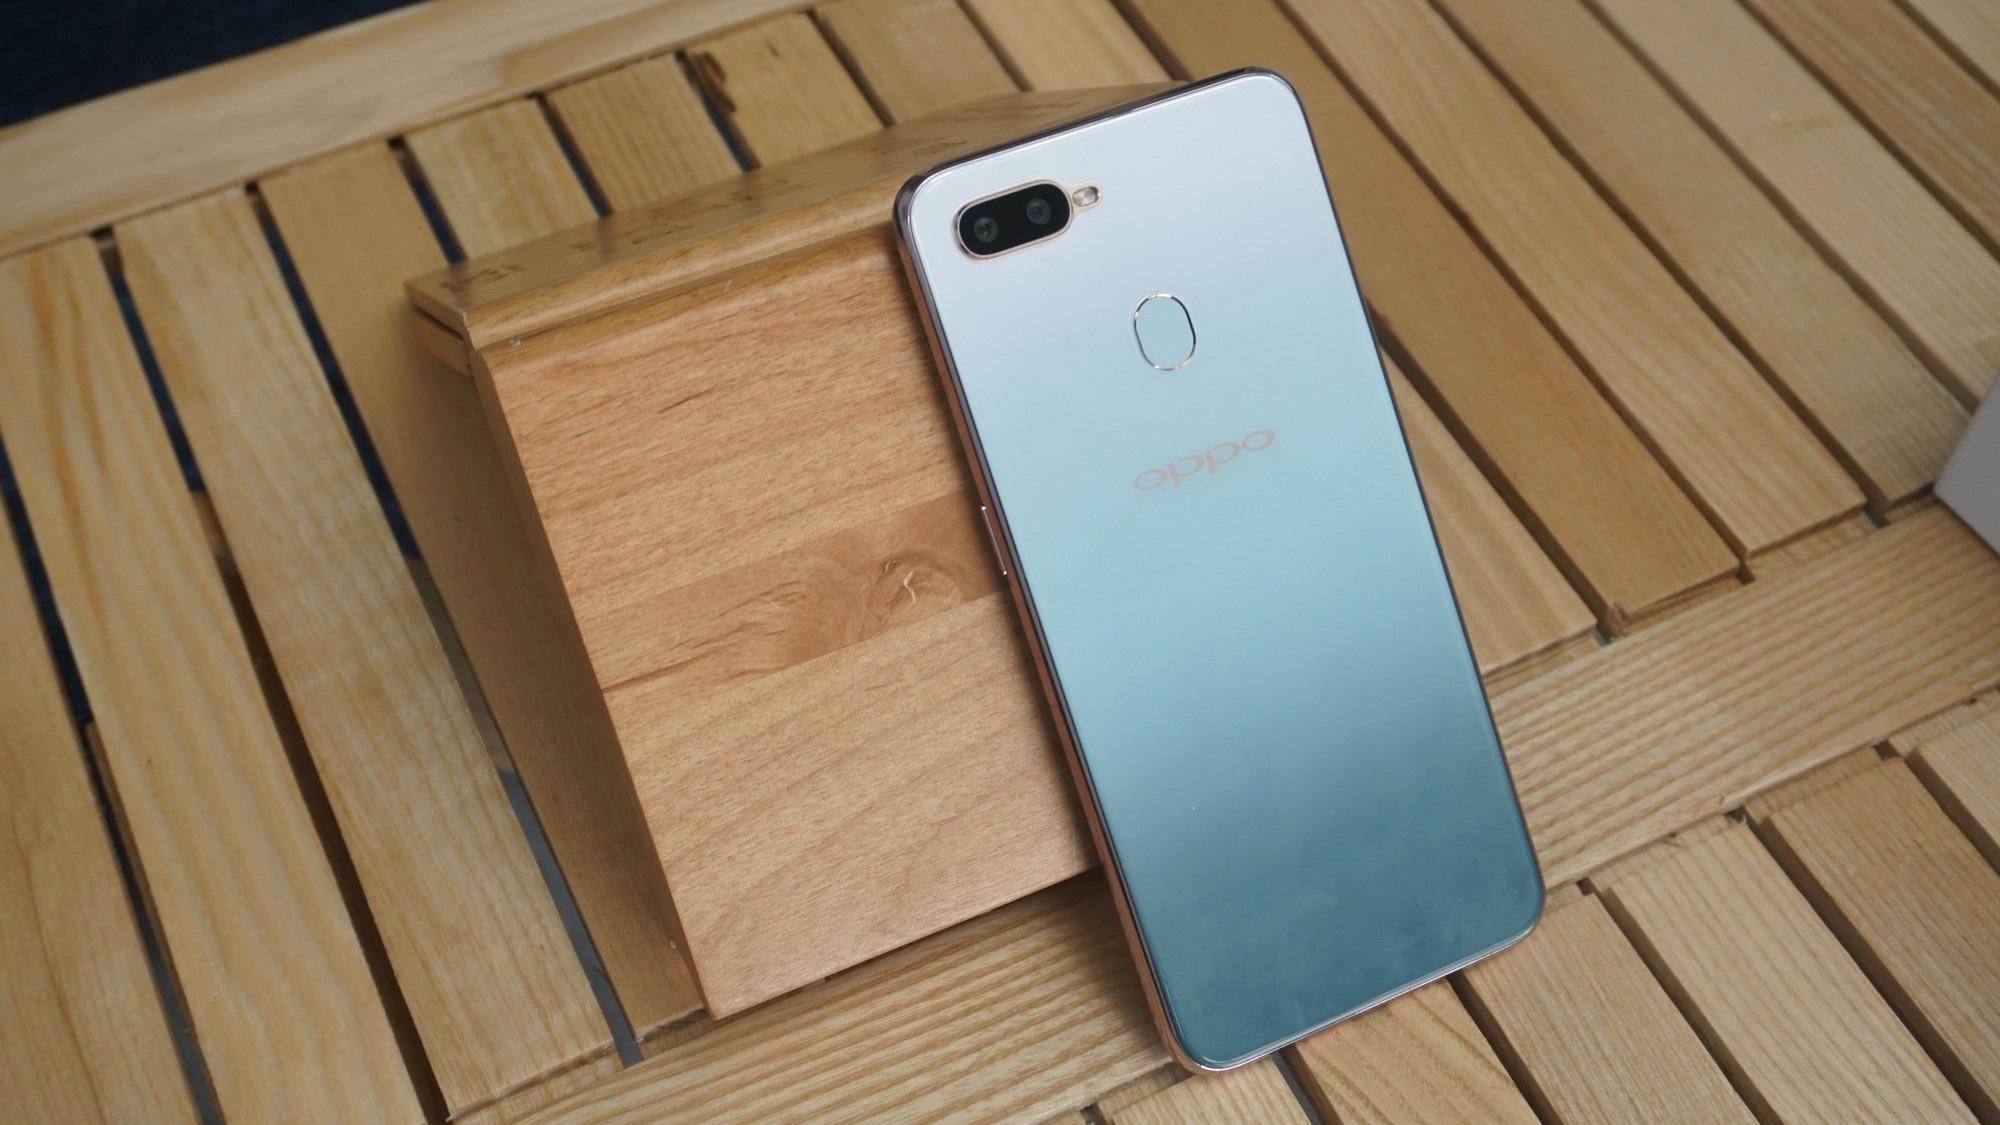 Oppo F9 là mẫu smartphone tầm trung tốt nhất 2018 được độc giả Dân trí bình chọn - Ảnh 2.